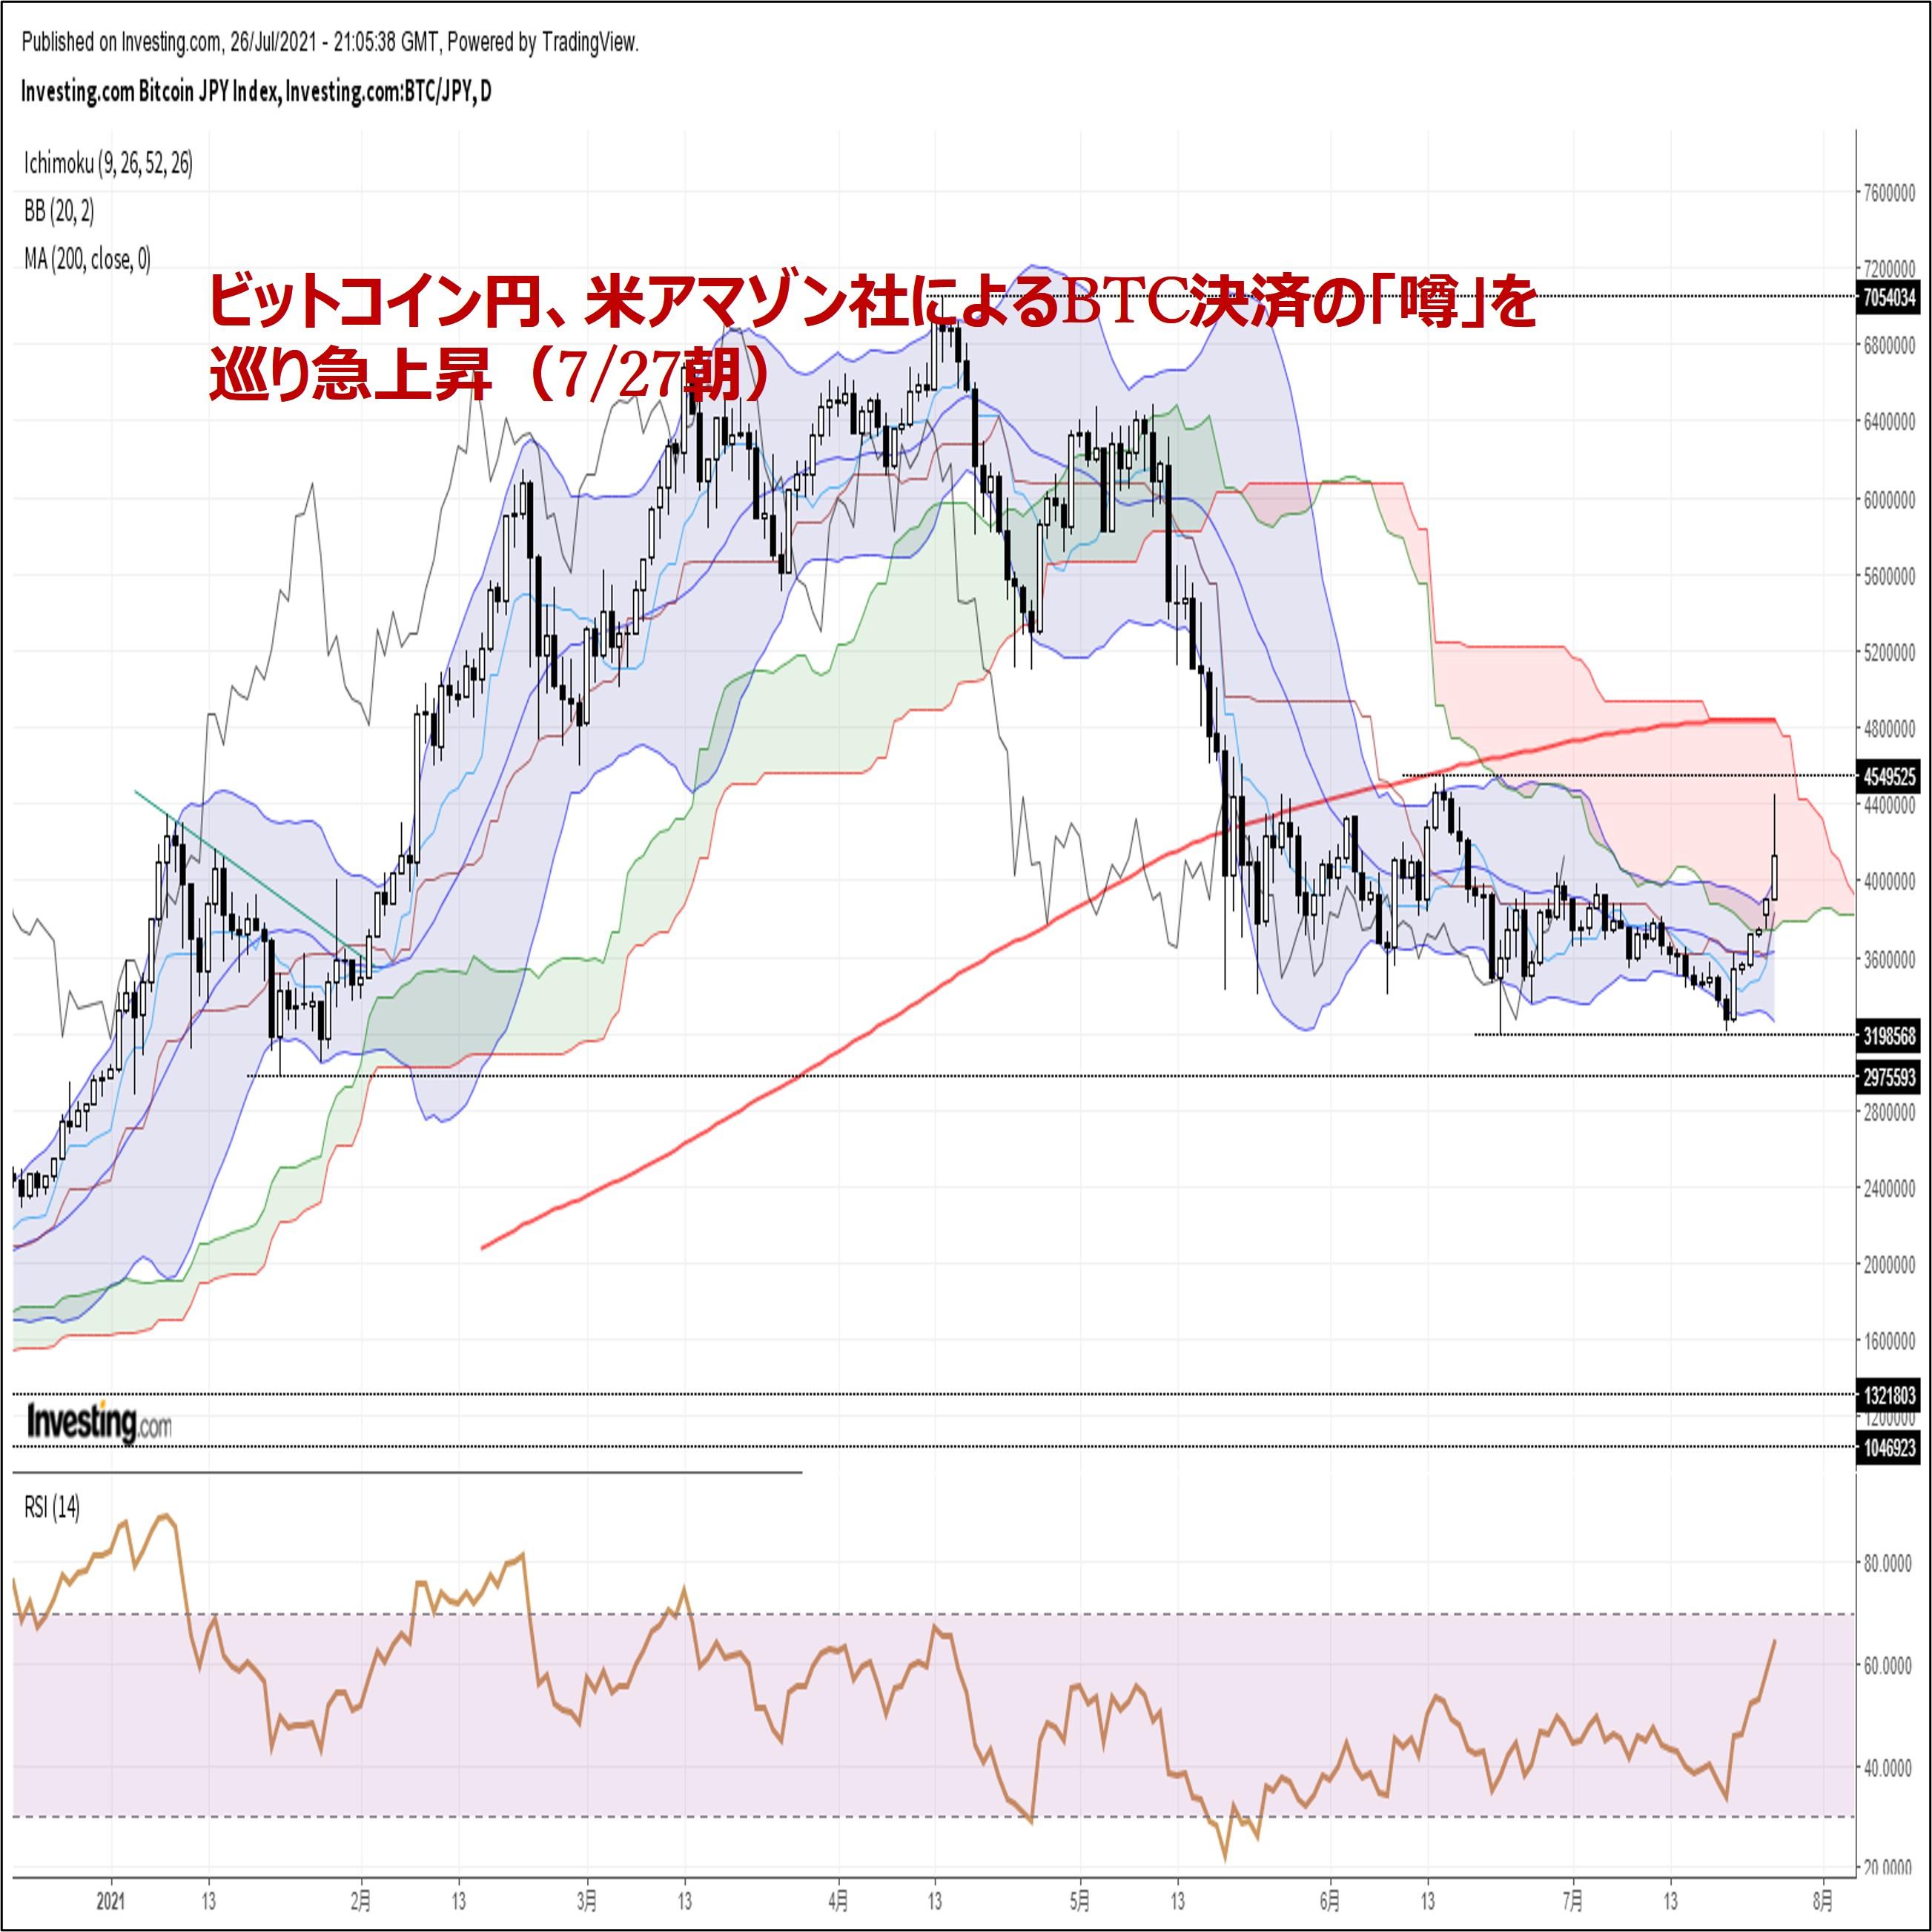 ビットコイン円、米アマゾン社のBTC決済を巡る「噂」を背景に急上昇(7/27朝)